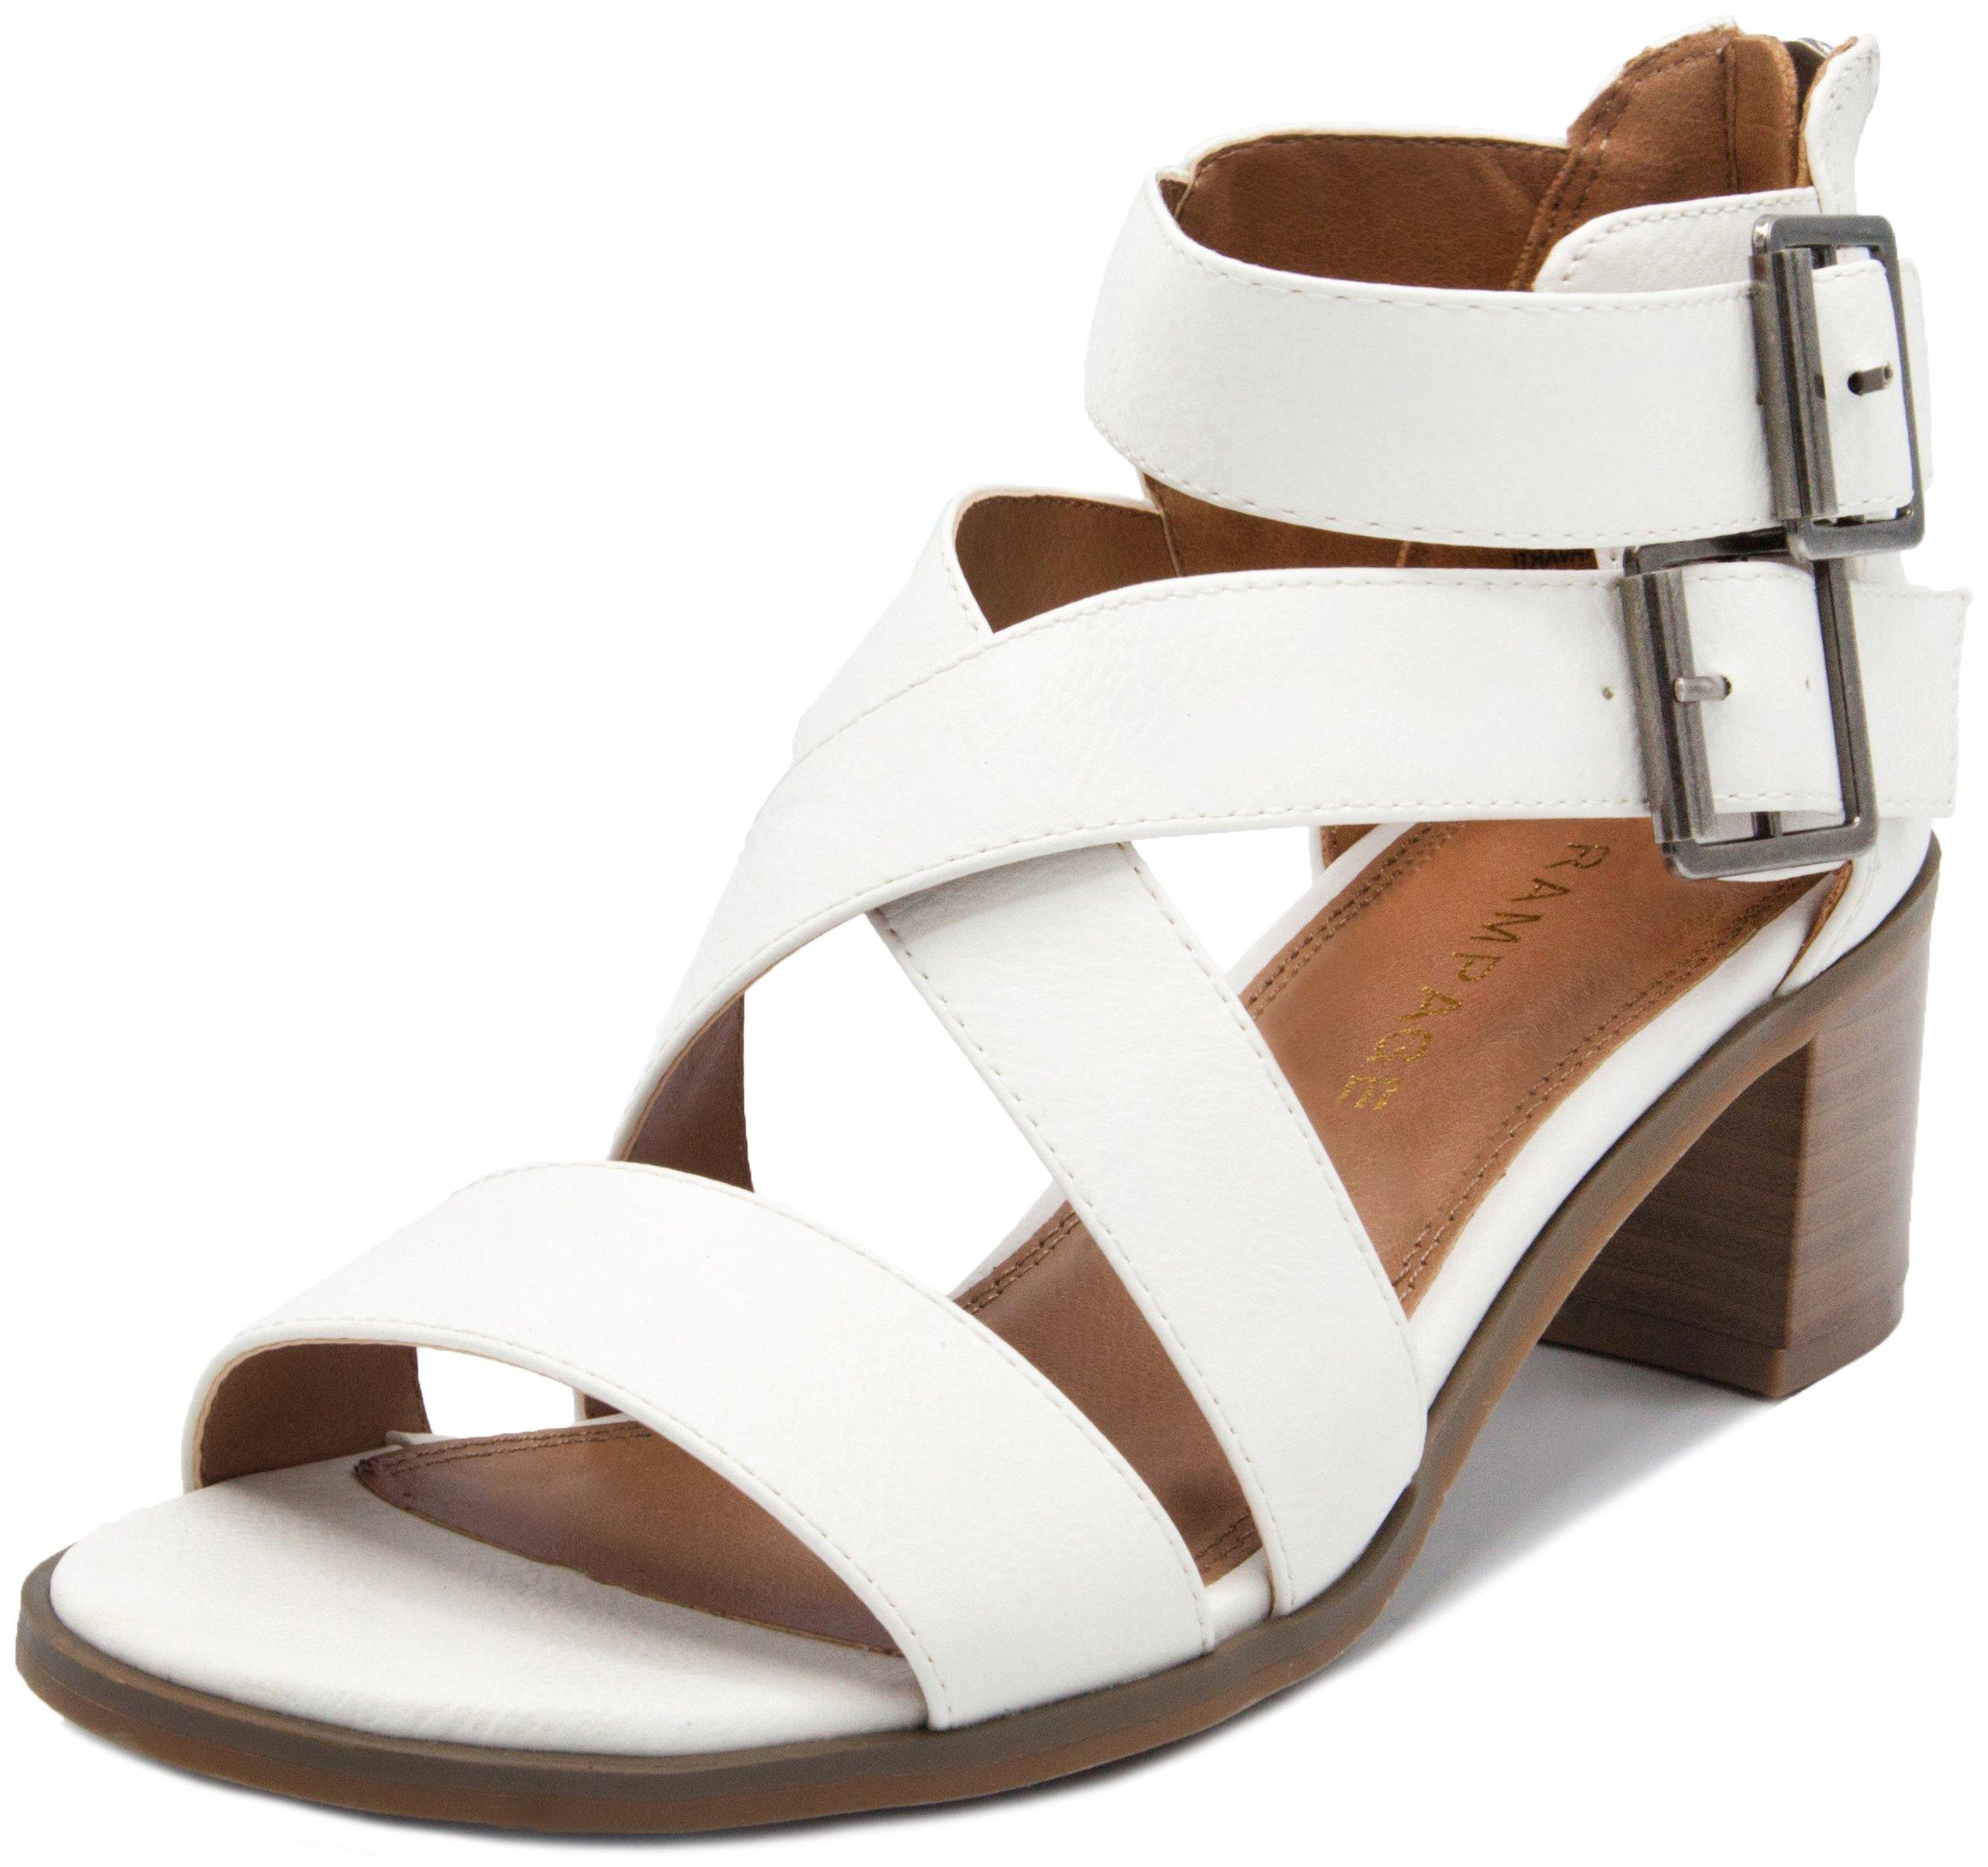 Rampage Women's Havarti Sandal, White Smooth, 6.5 M US